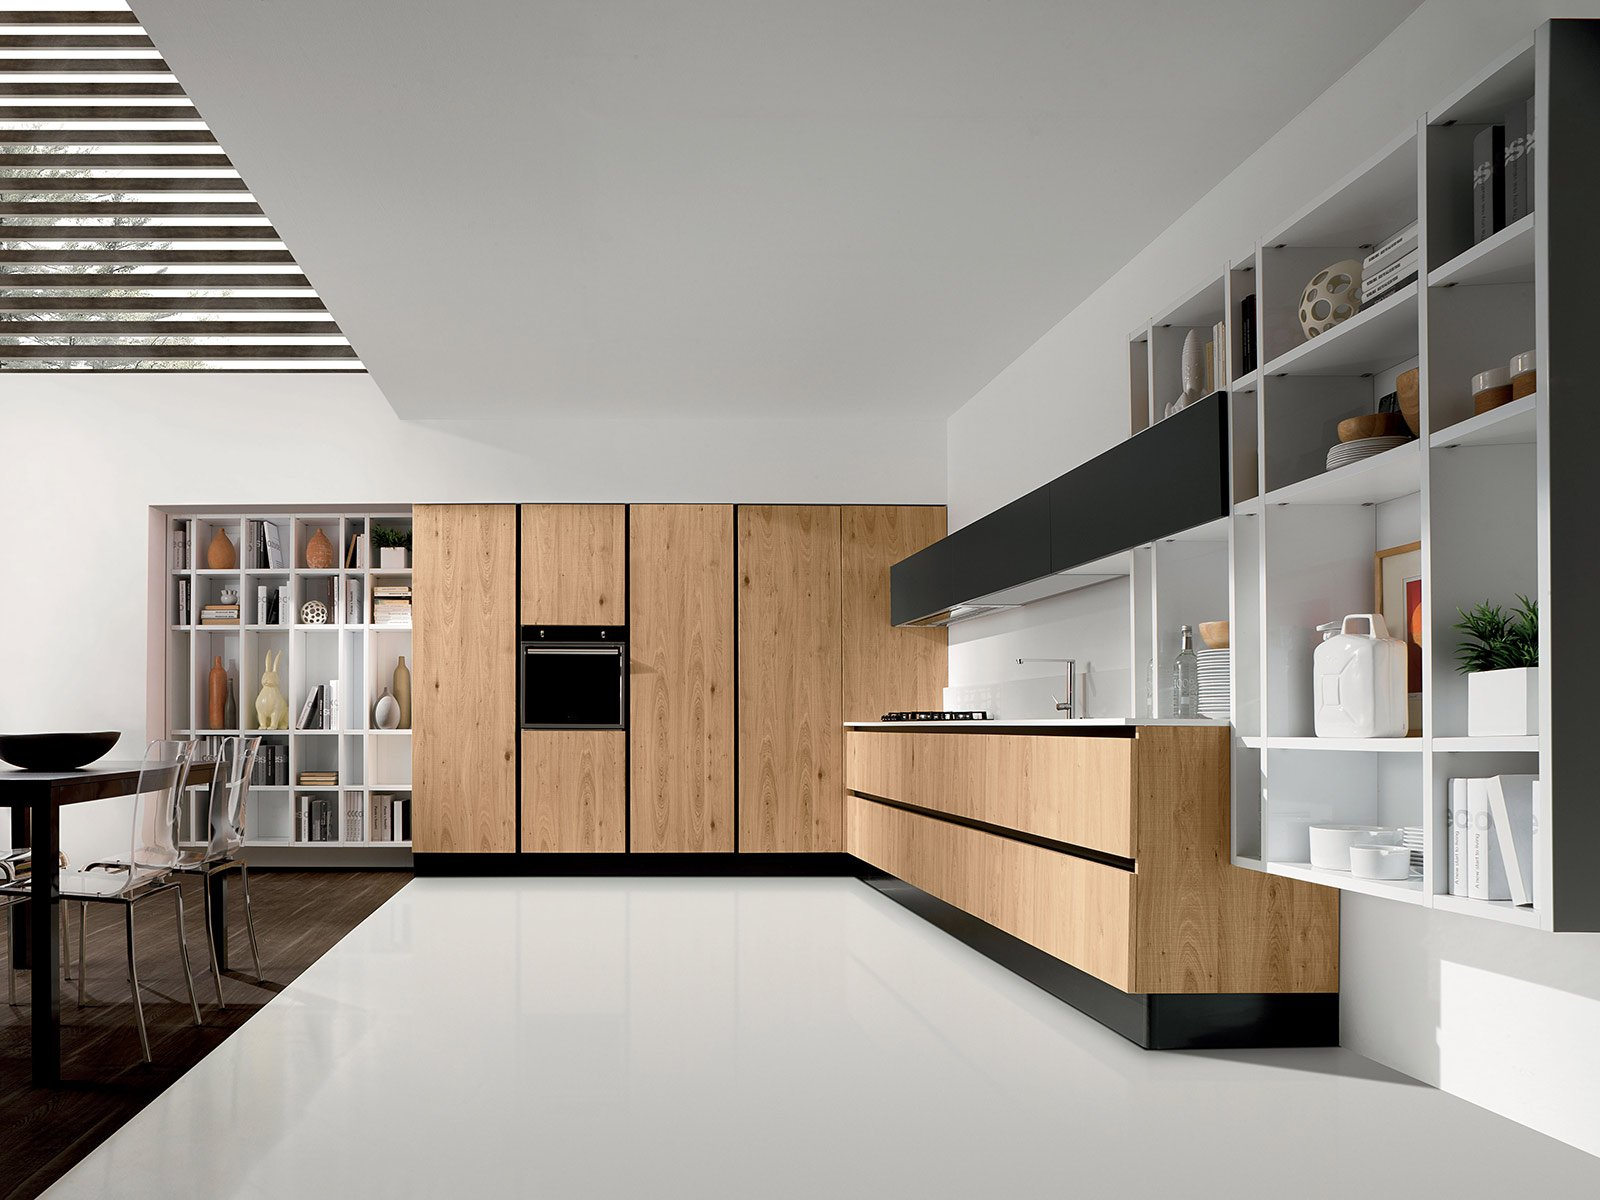 Cucine Moderne In Legno #866345 1600 1200 Immagini Di Cucine Berloni